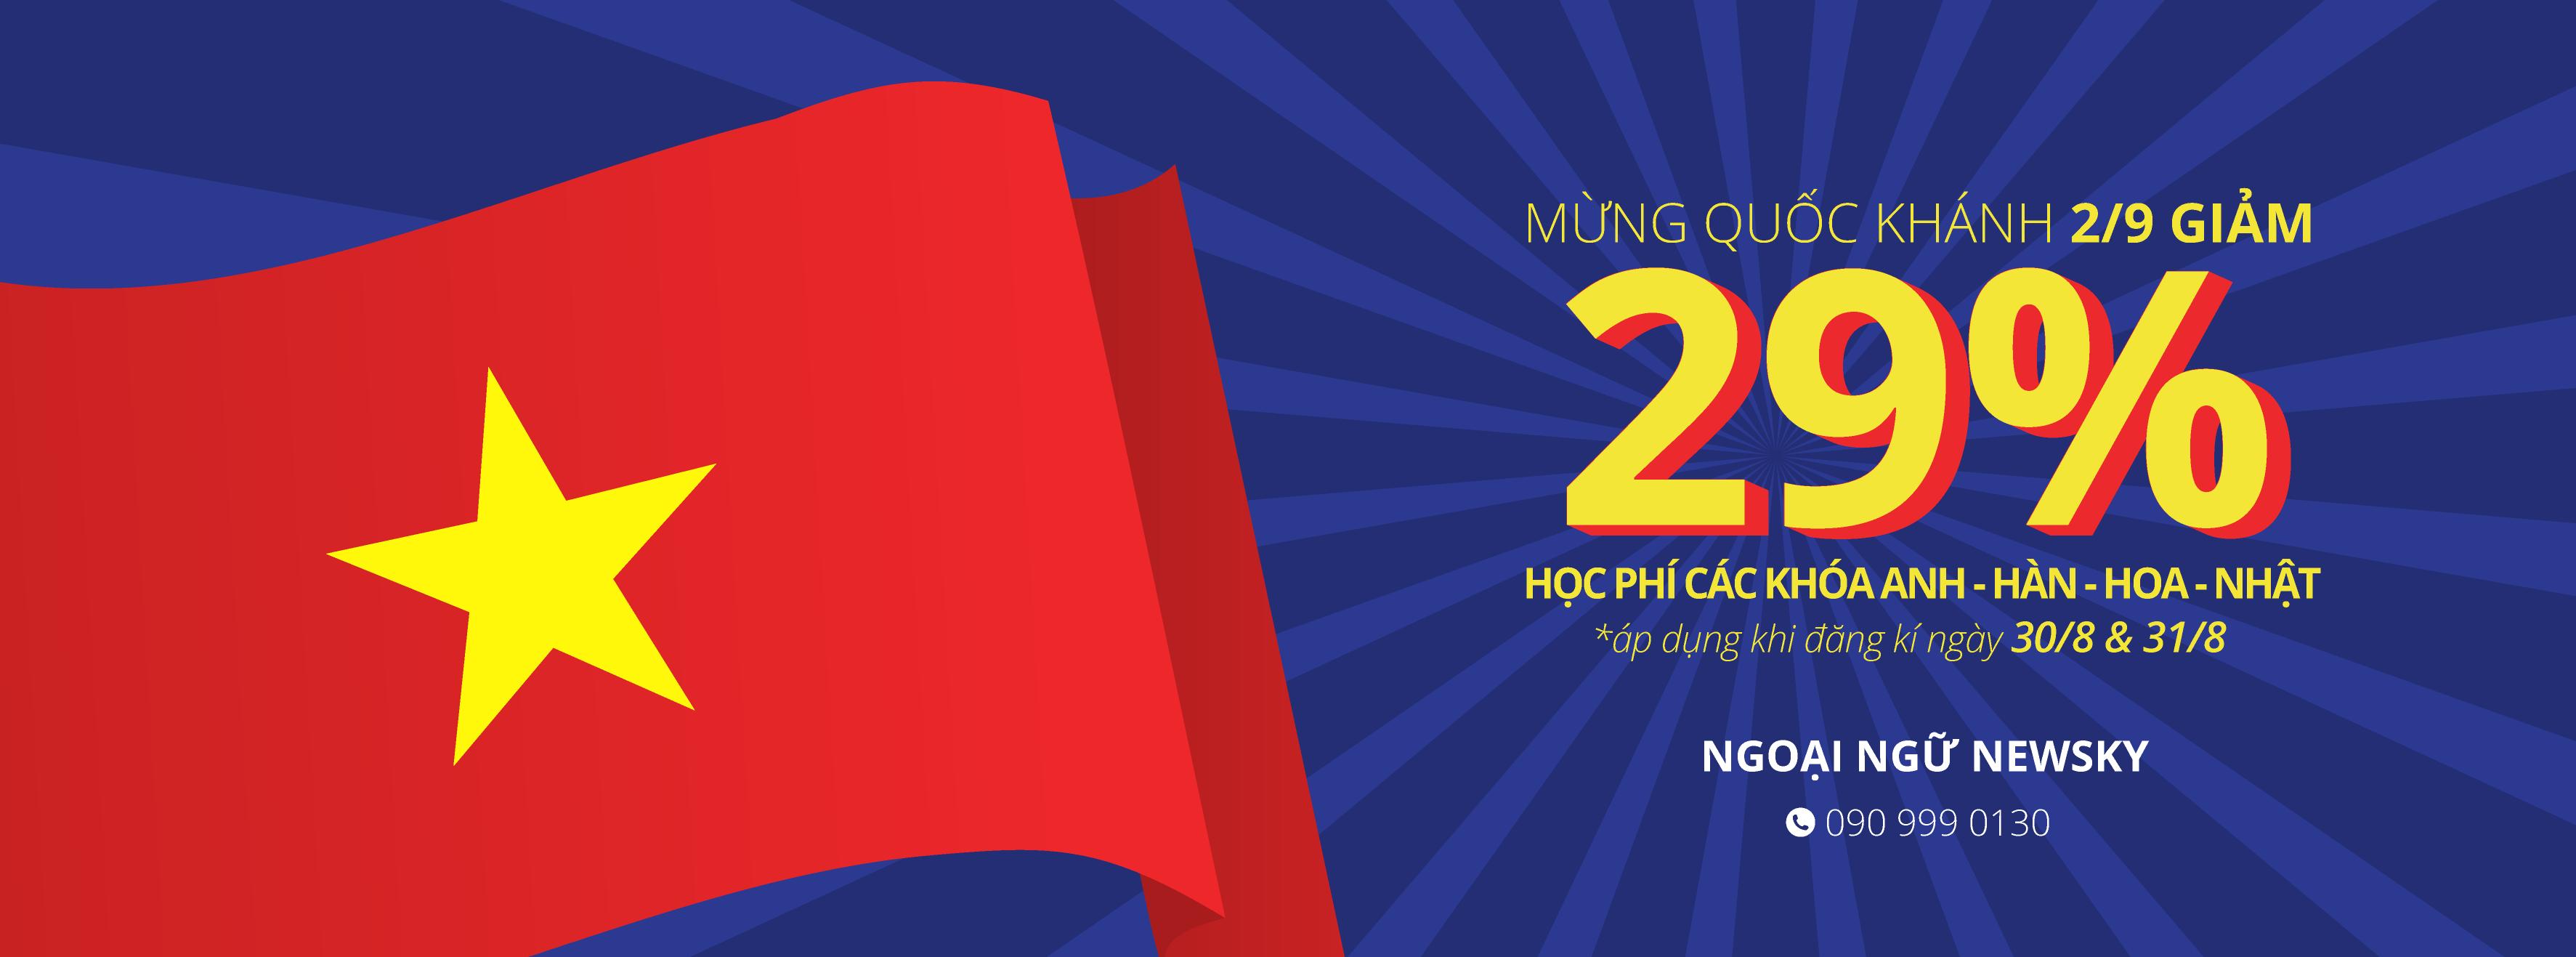 Mừng Quốc Khánh 2/9 giảm 29% học phí Anh – Hàn – Hoa – Nhật